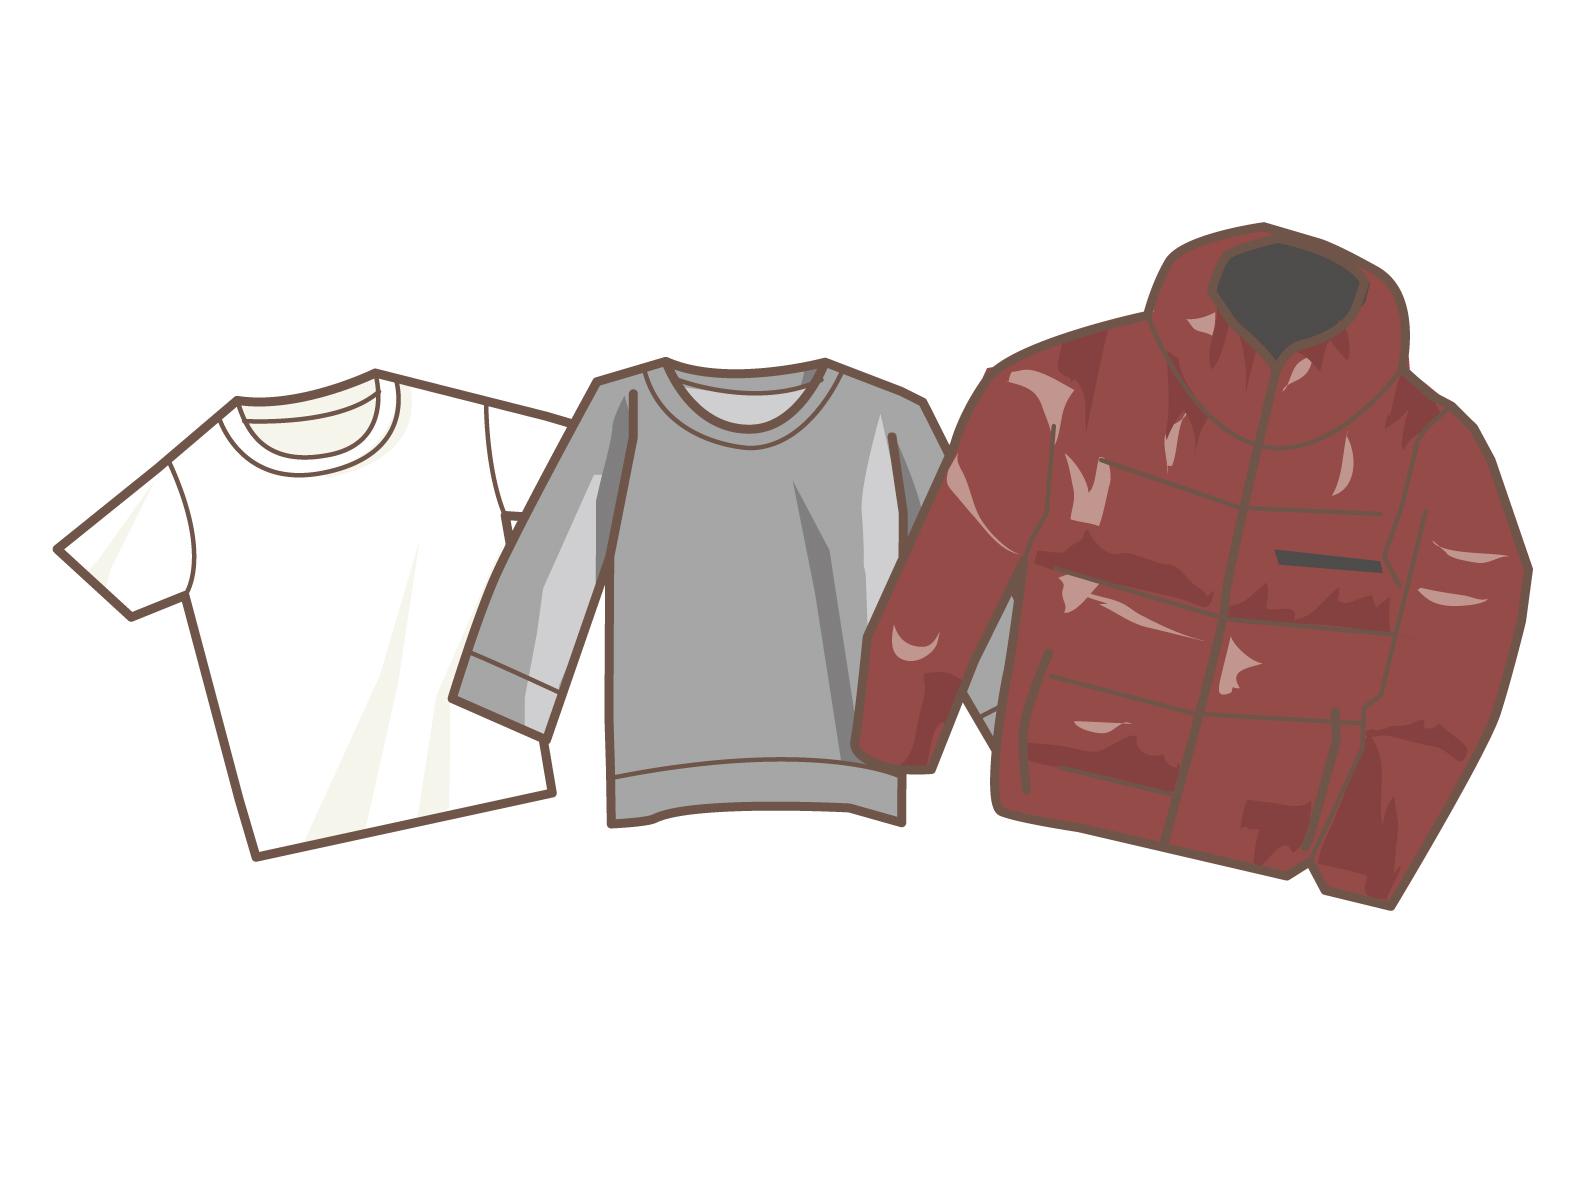 認知症の母は衣類の意味が分からない失認の症状があります